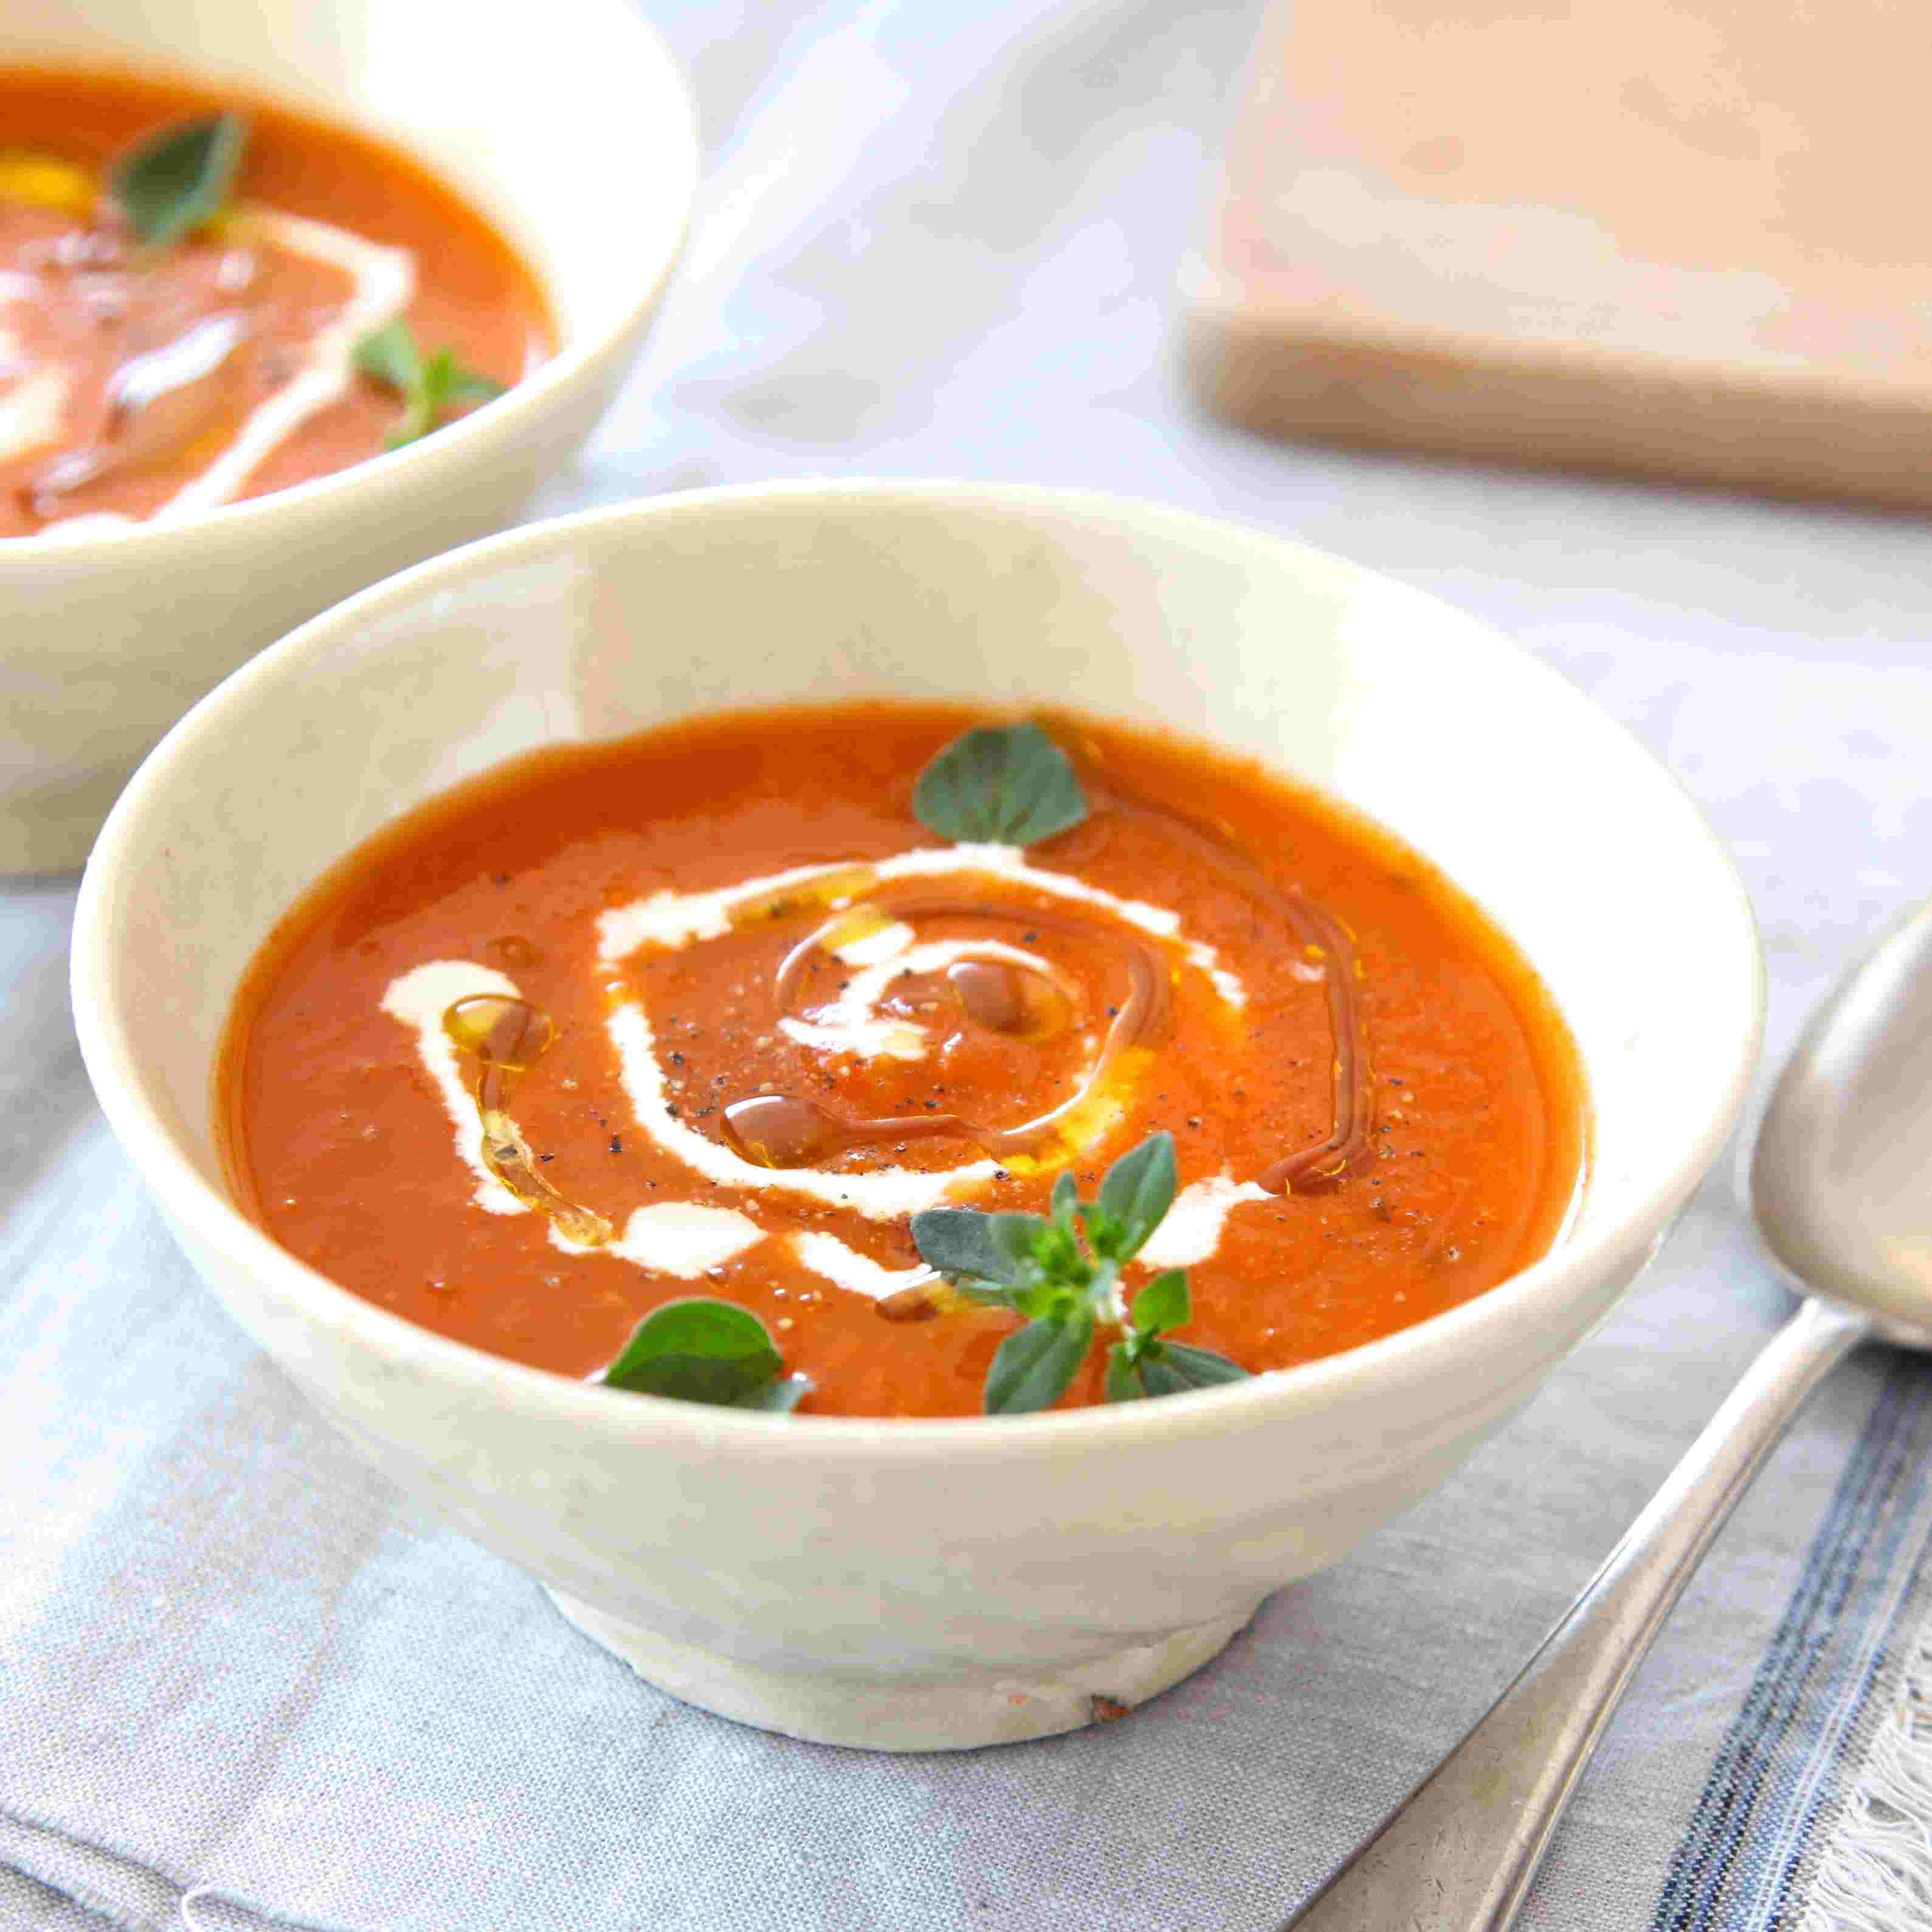 Hoe Zelf Een Keuken Maken : Zelf tomatensoep maken – Liefde voor LekkersLiefde voor Lekkers